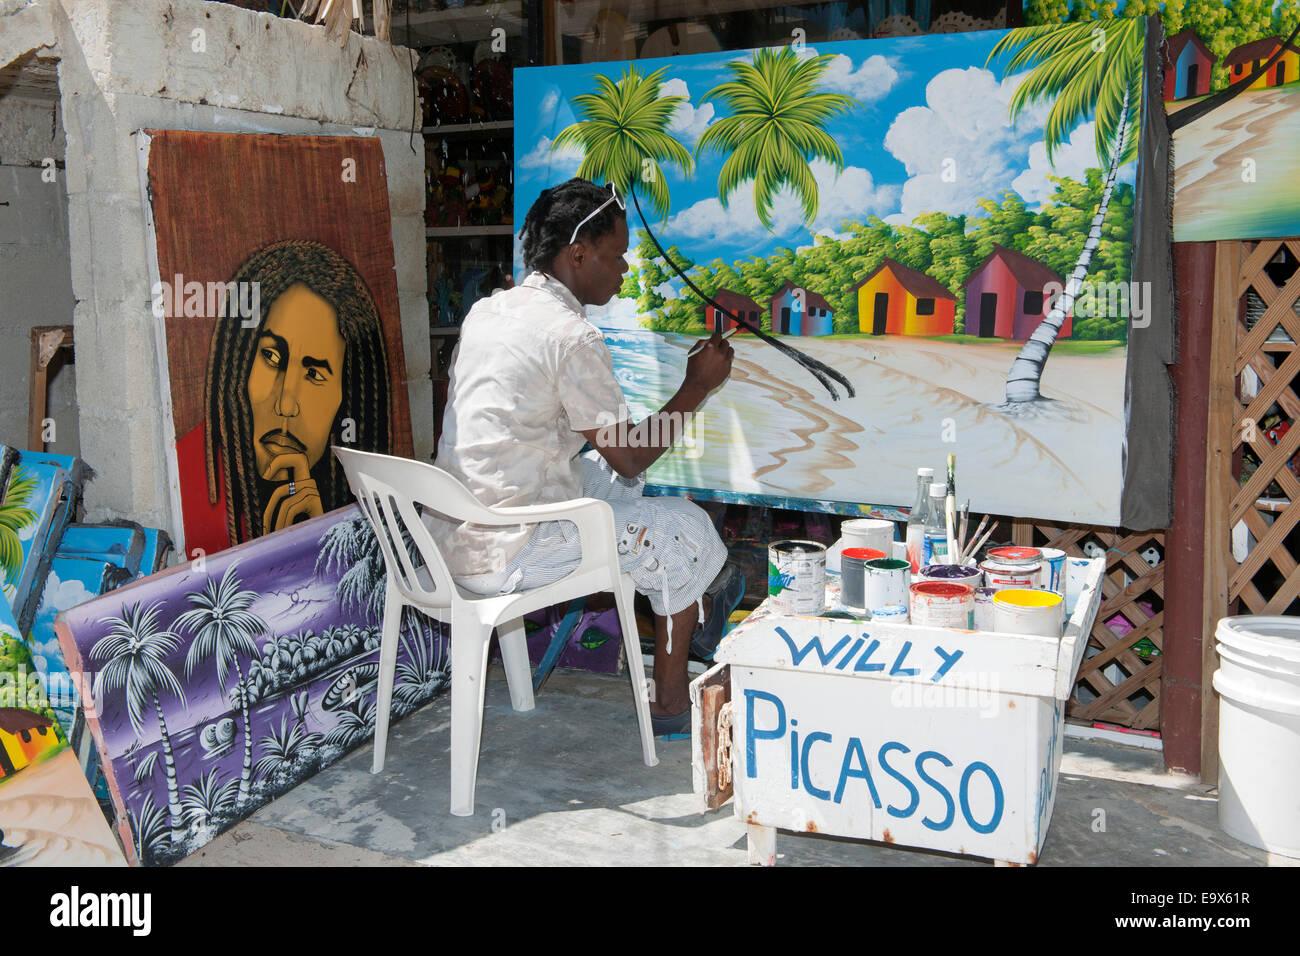 Dominikanische Republik, Osten, Punta Cana, Bavaro, Maler 'Willy' Picasso am Weg zum Strand von El Cortecito Photo Stock